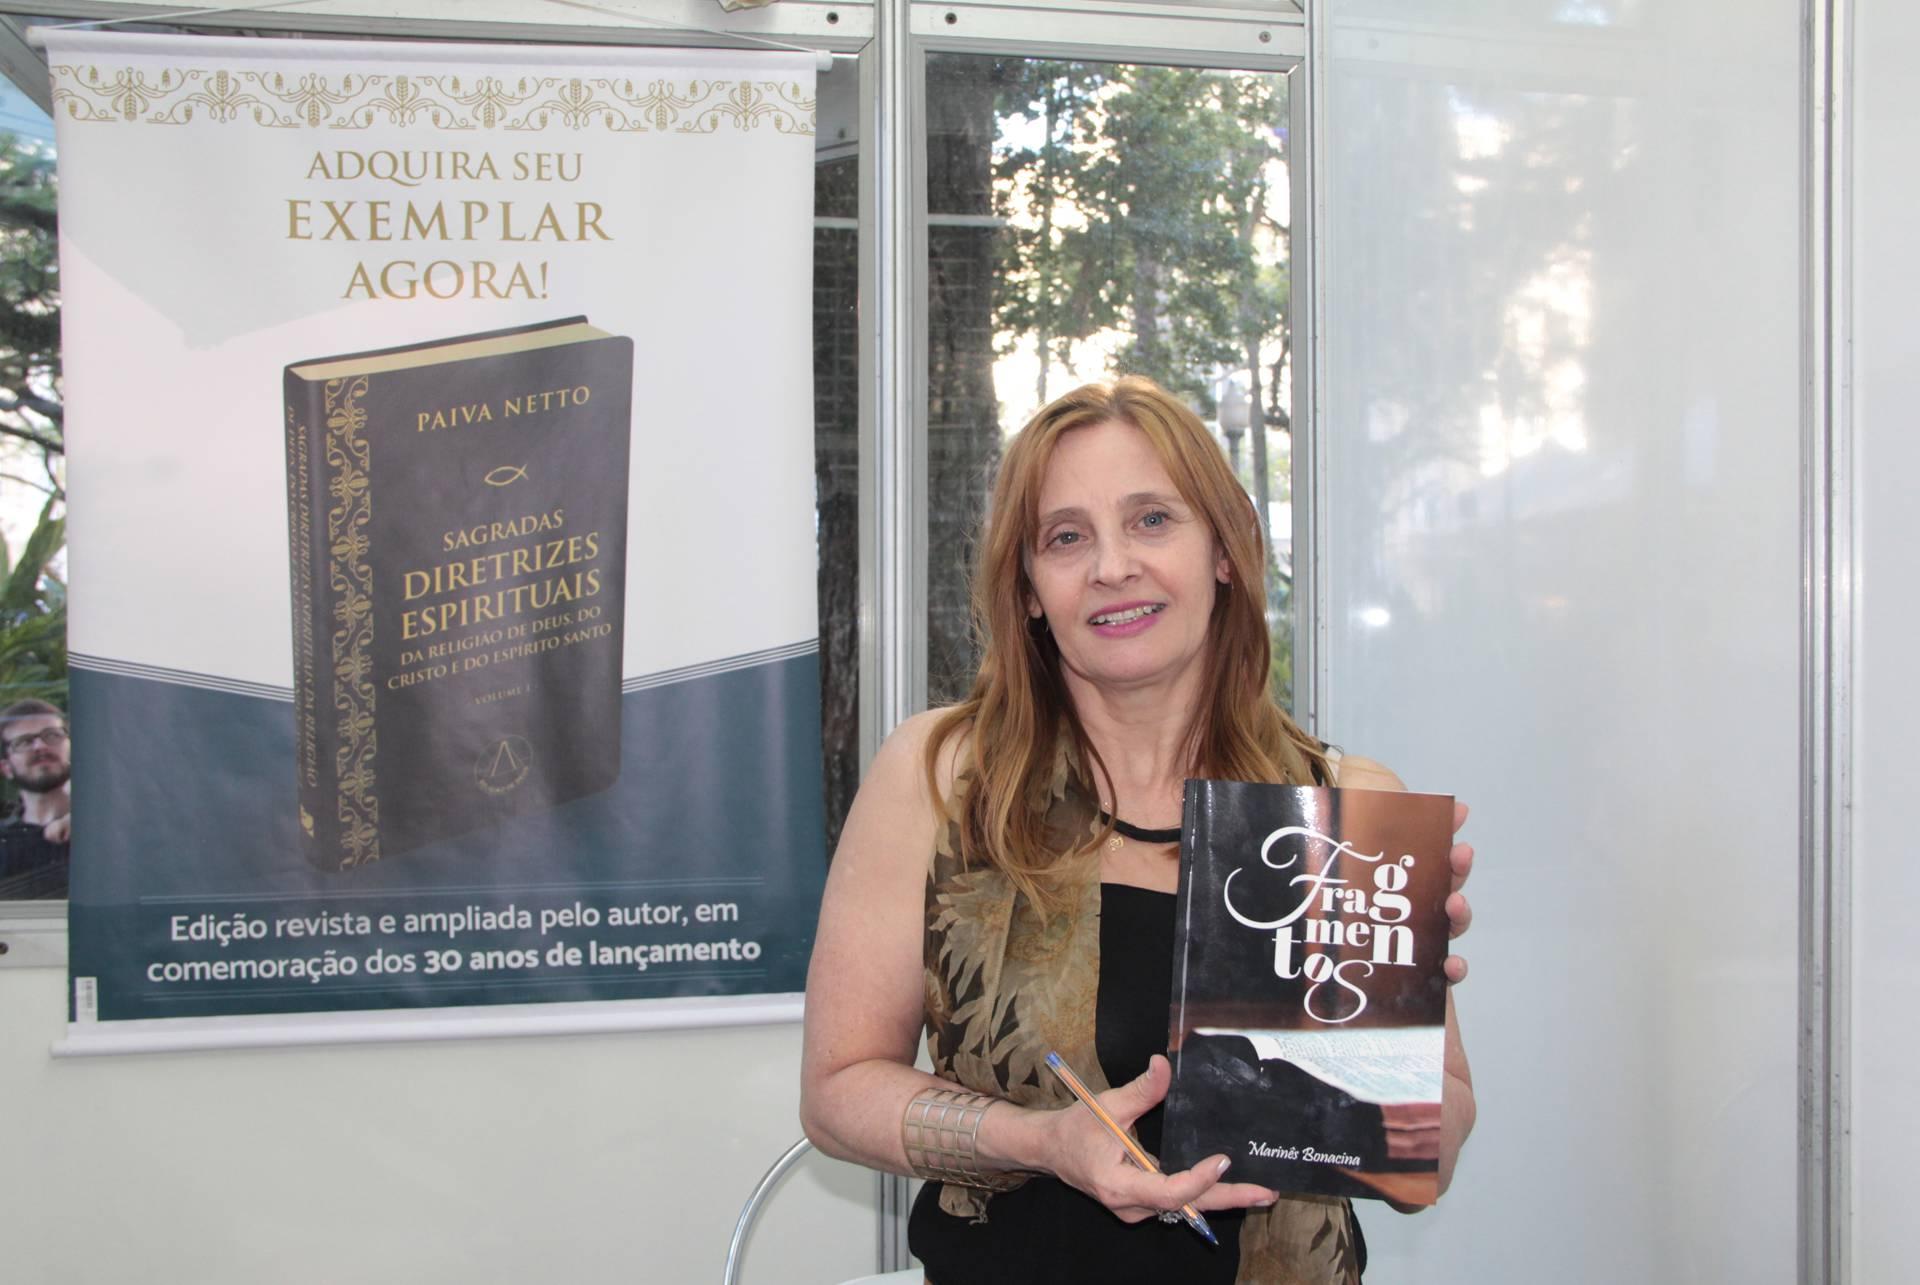 DOMINGO, 19 — A escritora e presidente da Casa do Poeta-Latino Americano, Marinês Bonacina, lançou a obra literária